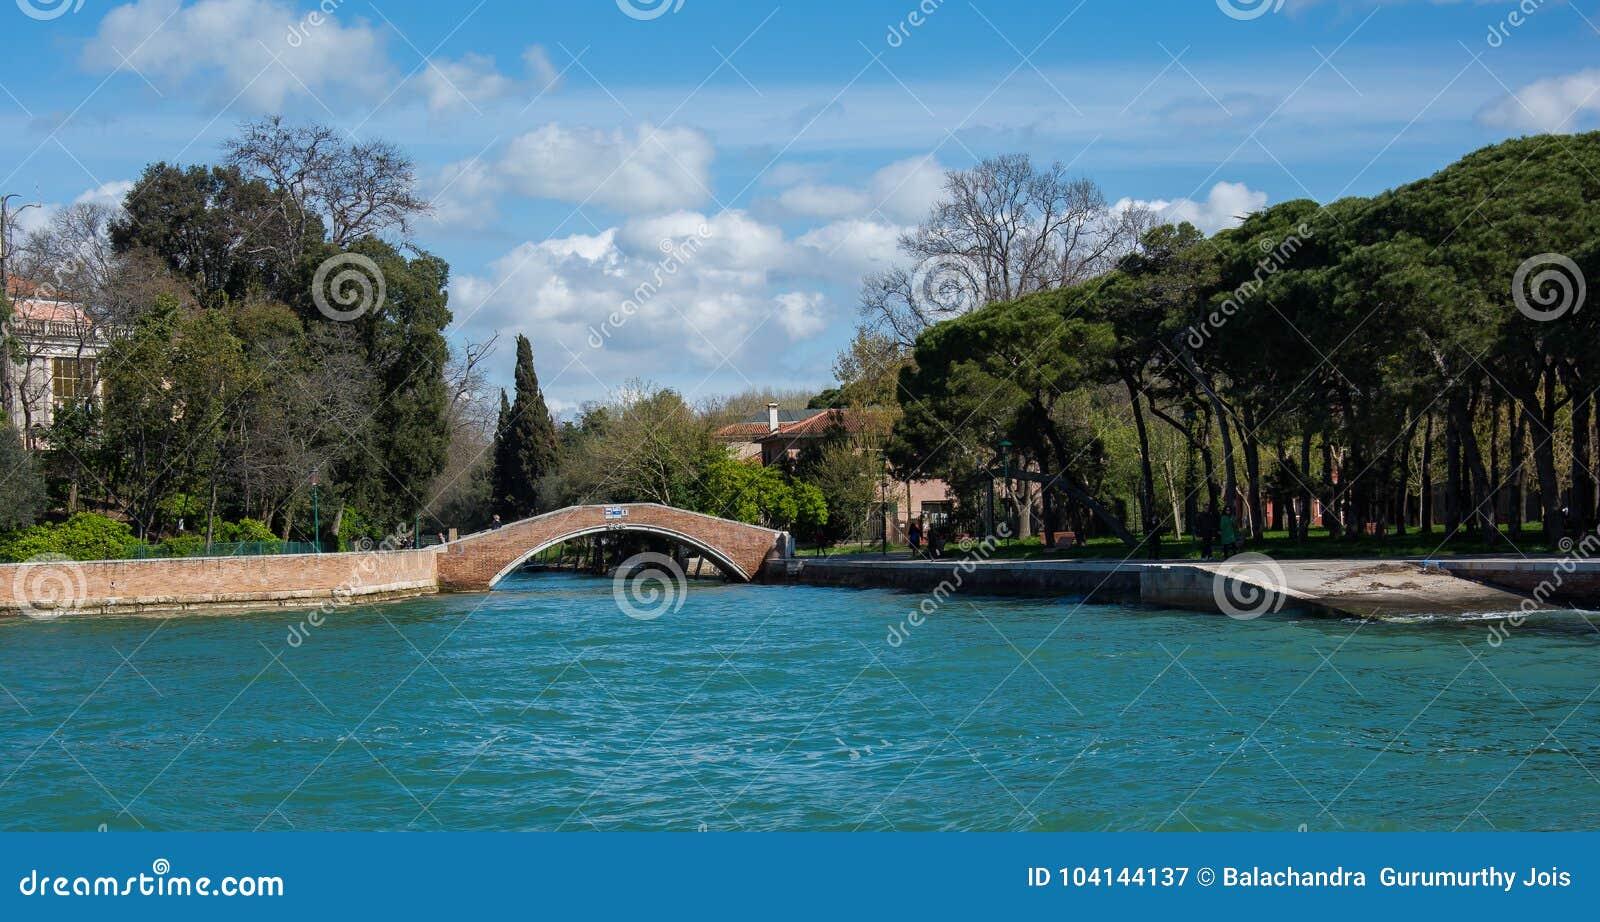 One of many bridge at venice italy